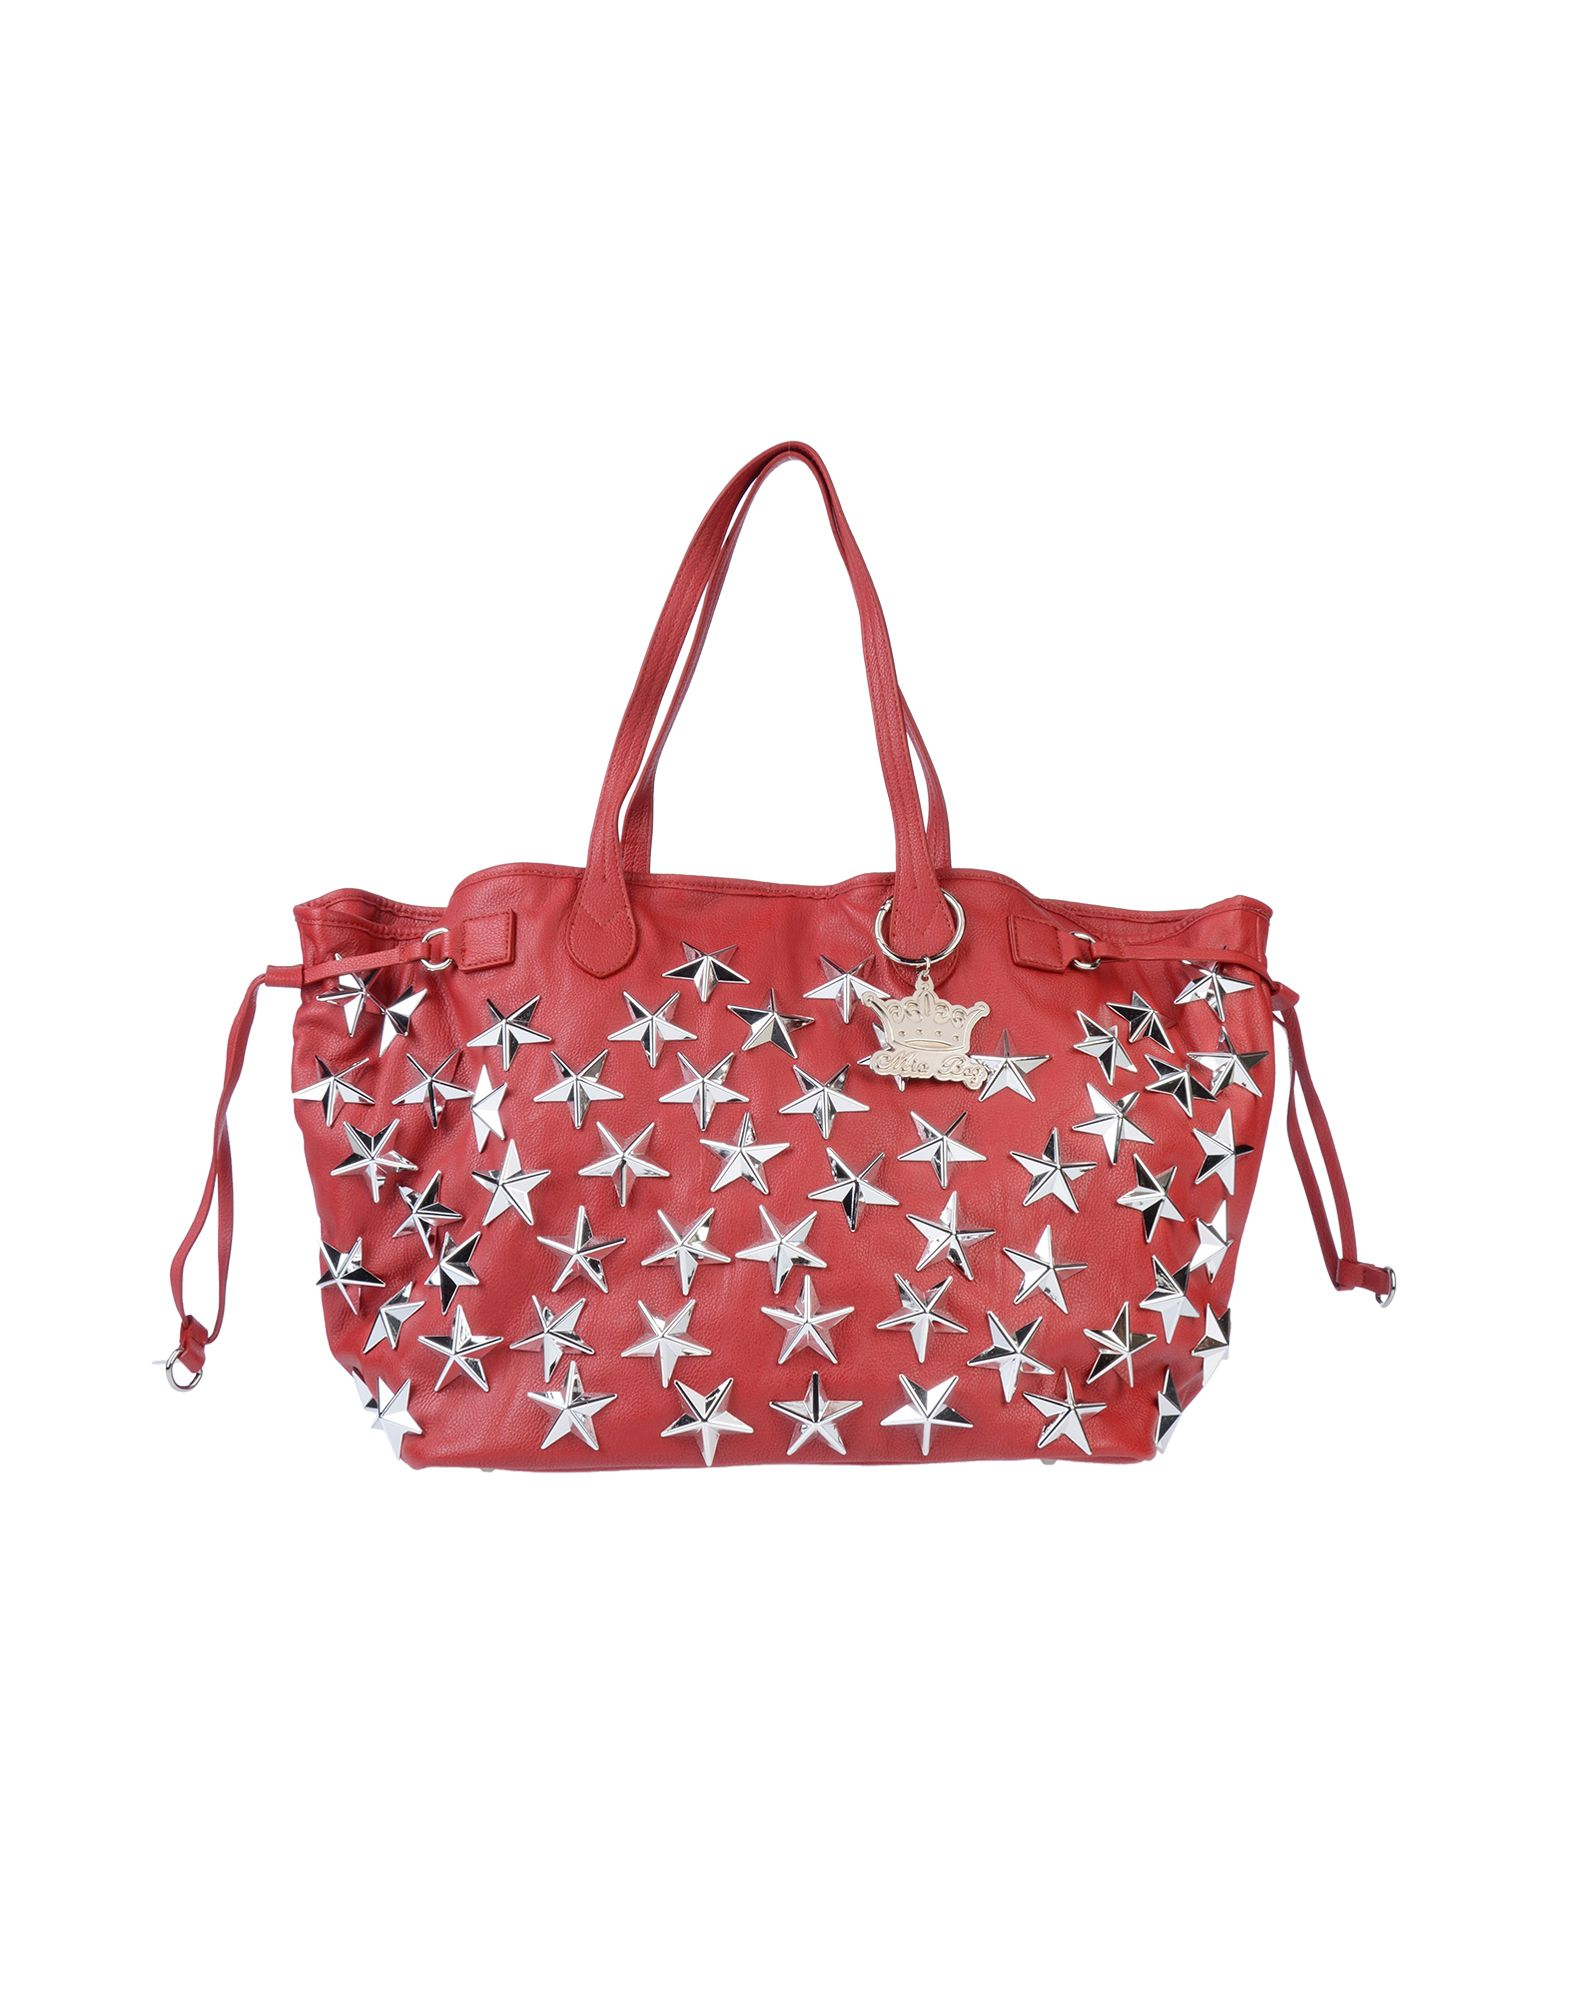 MIA BAG Сумка на руку сумка на талию hmf hmf bag